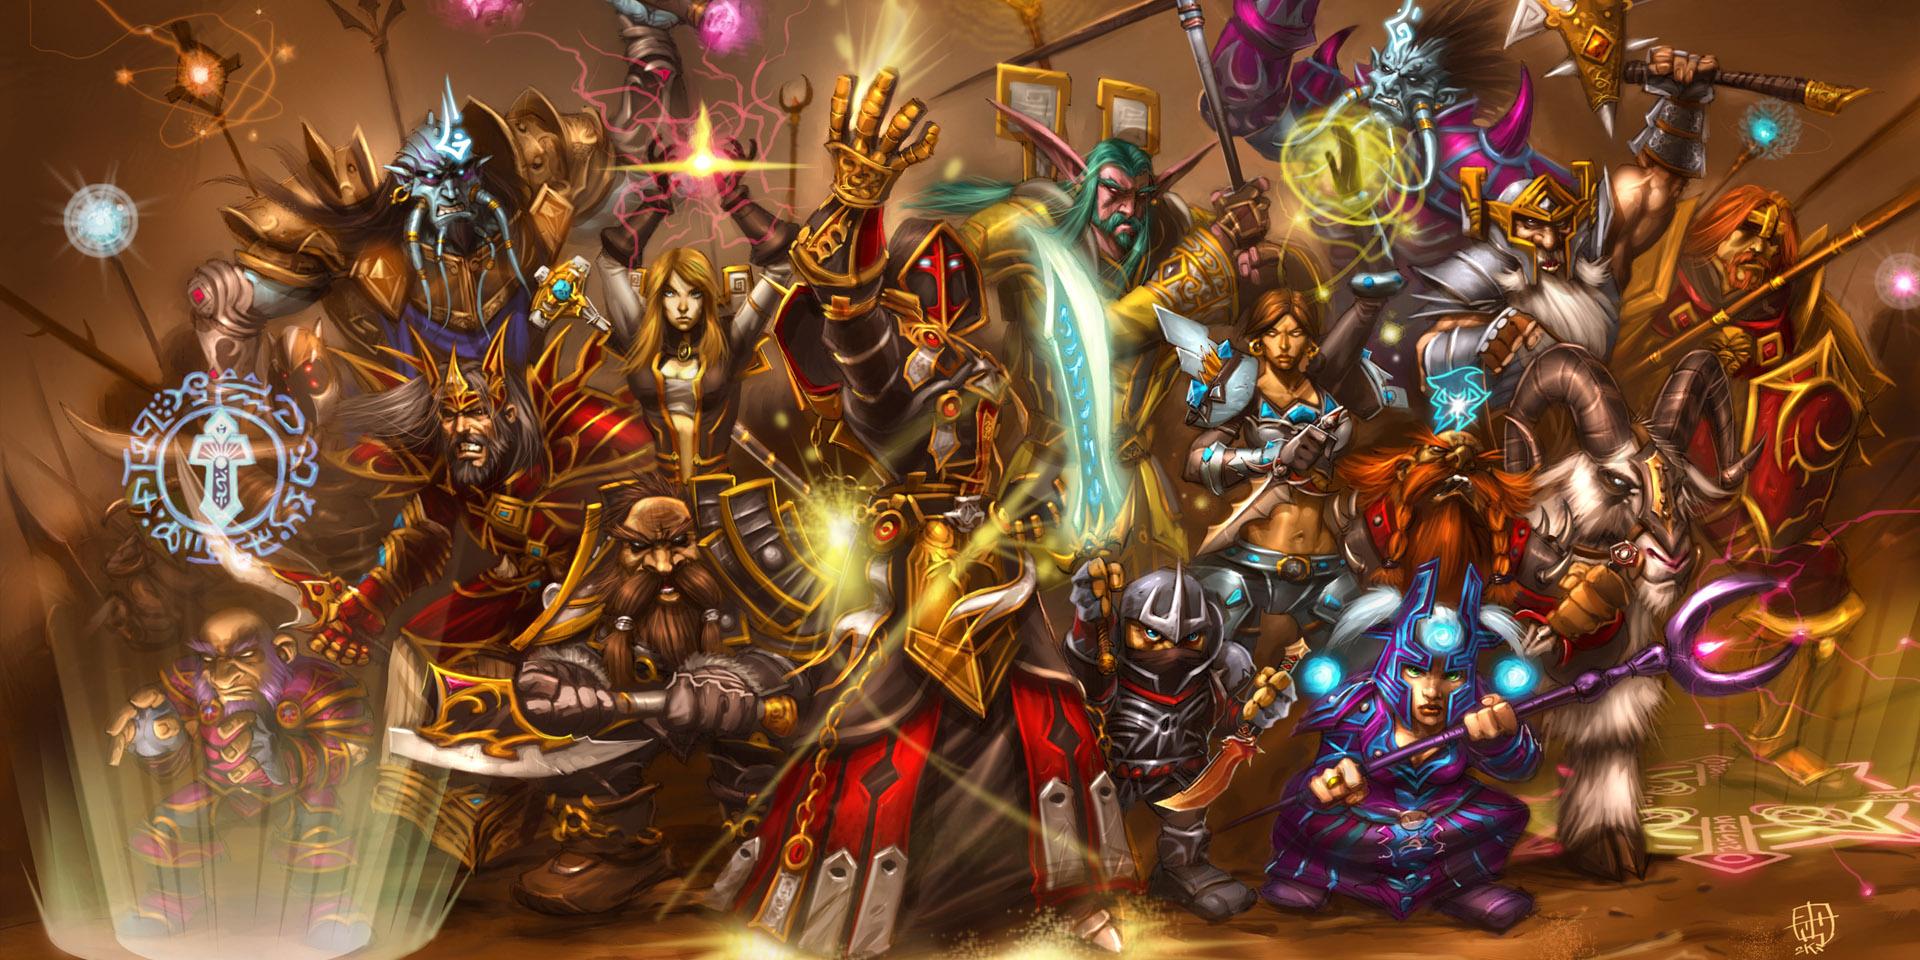 World of Warcraft: Поиск старых друзей: отличная задумка от Blizzard